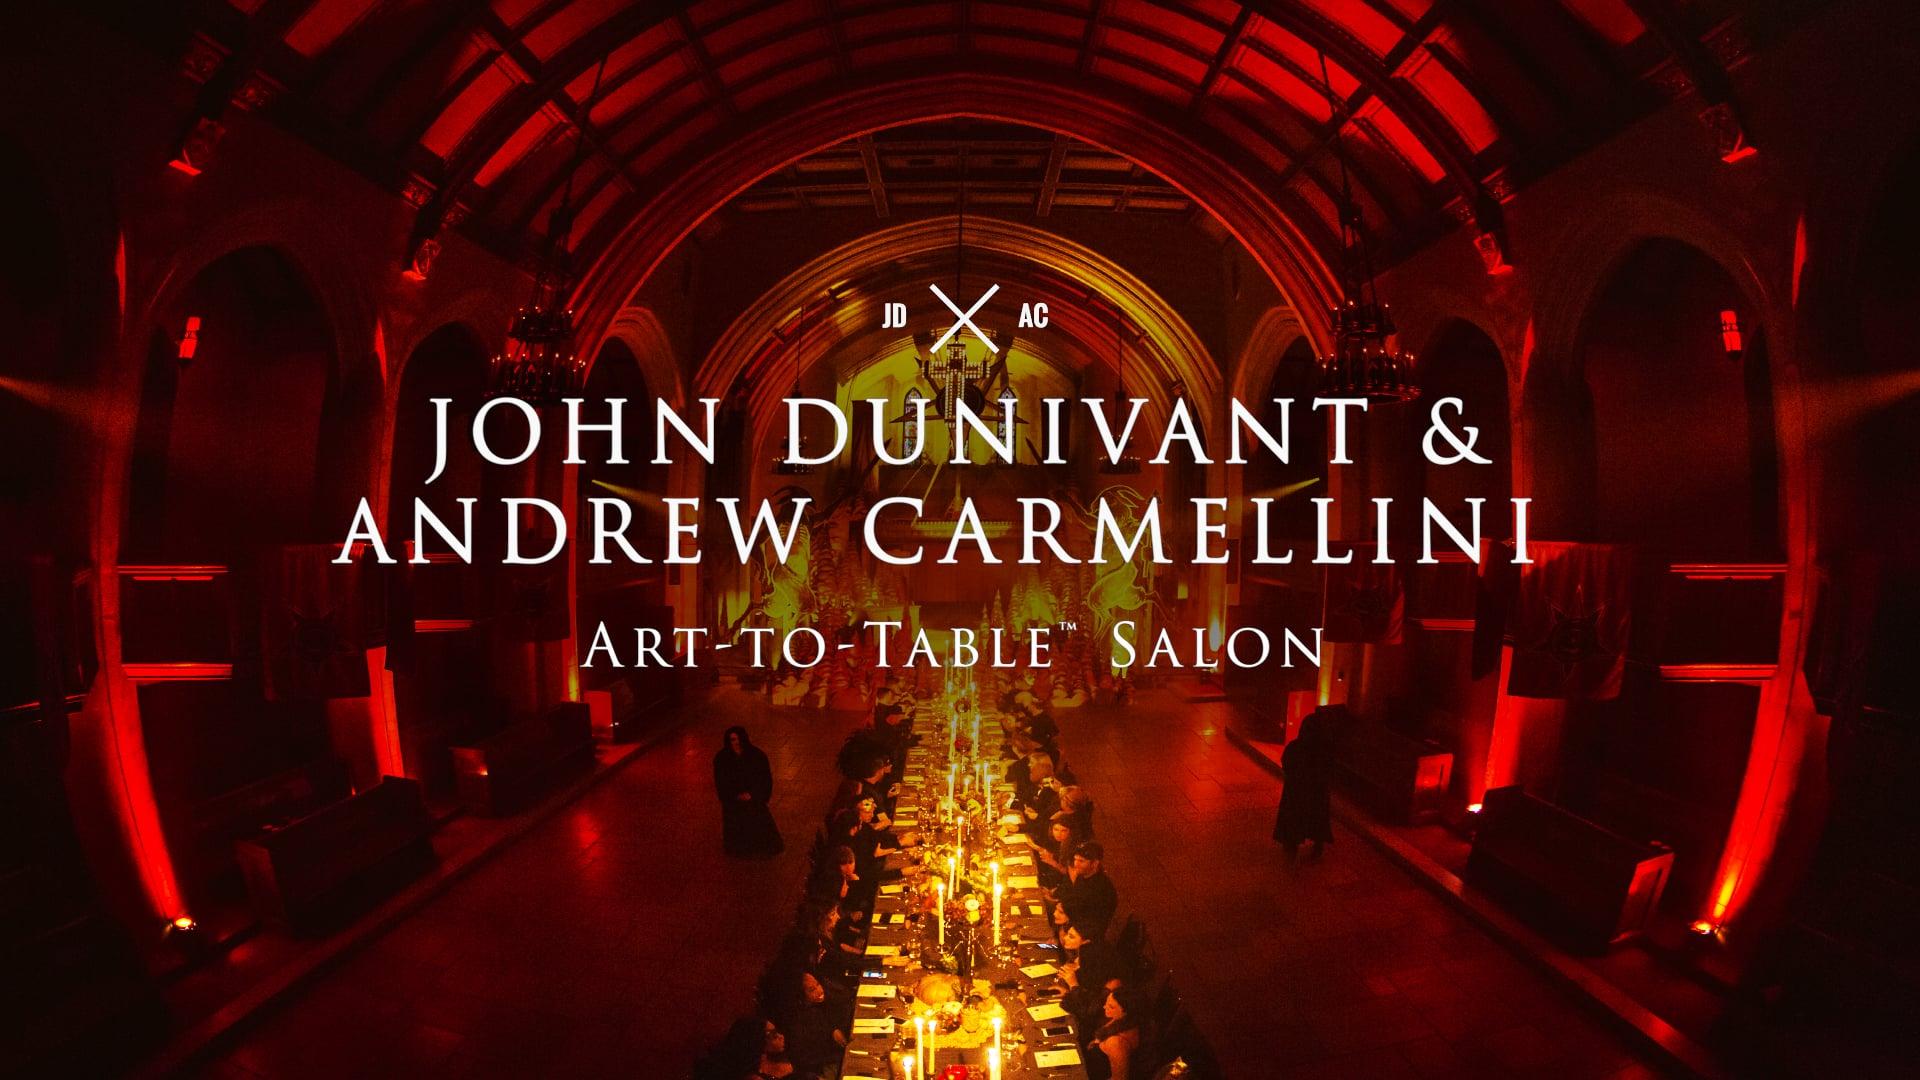 John Dunivant & Andrew Carmellini 'Art-to-Table™' Salon